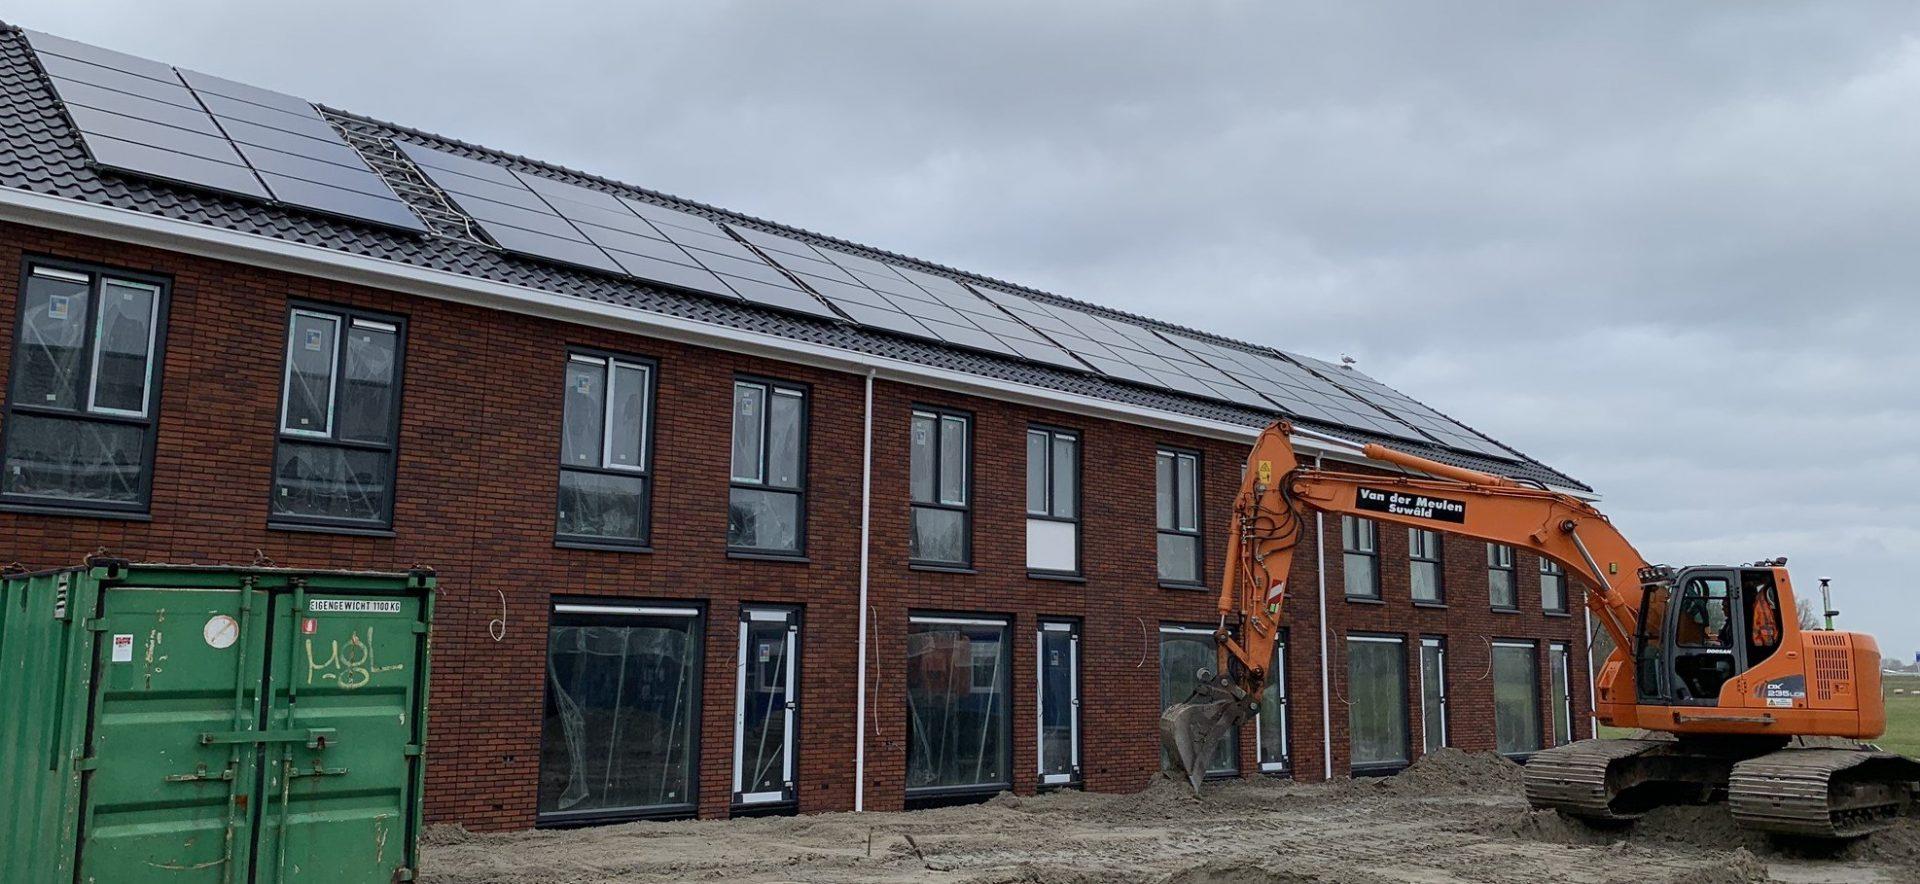 Triple Solar PVT paneel zonnepaneel warmtepomppaneel De Draai Heerhugowaard - meacasa project